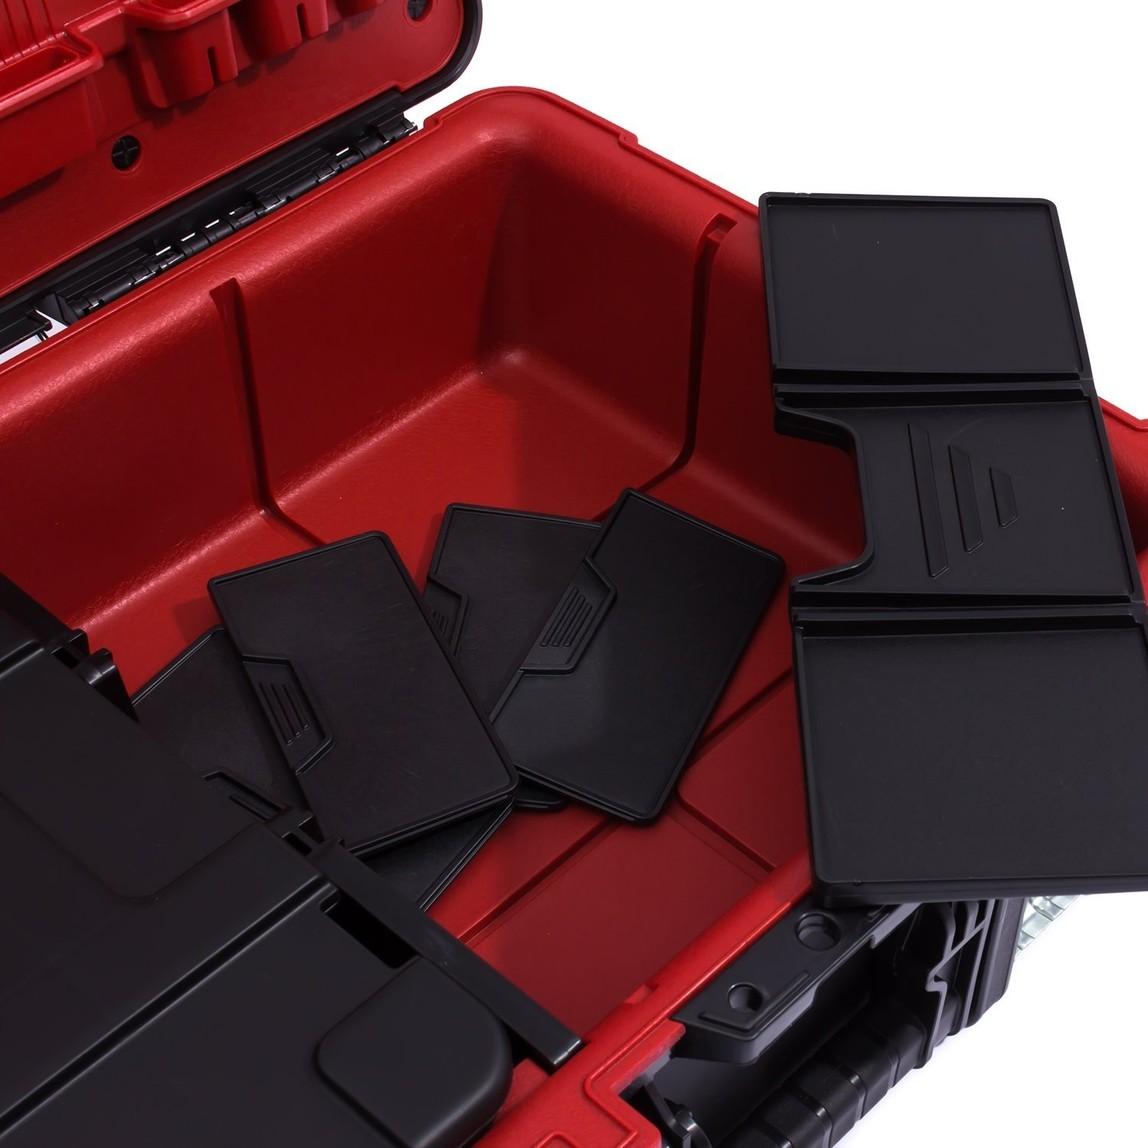 Keter Technician Box 18.9